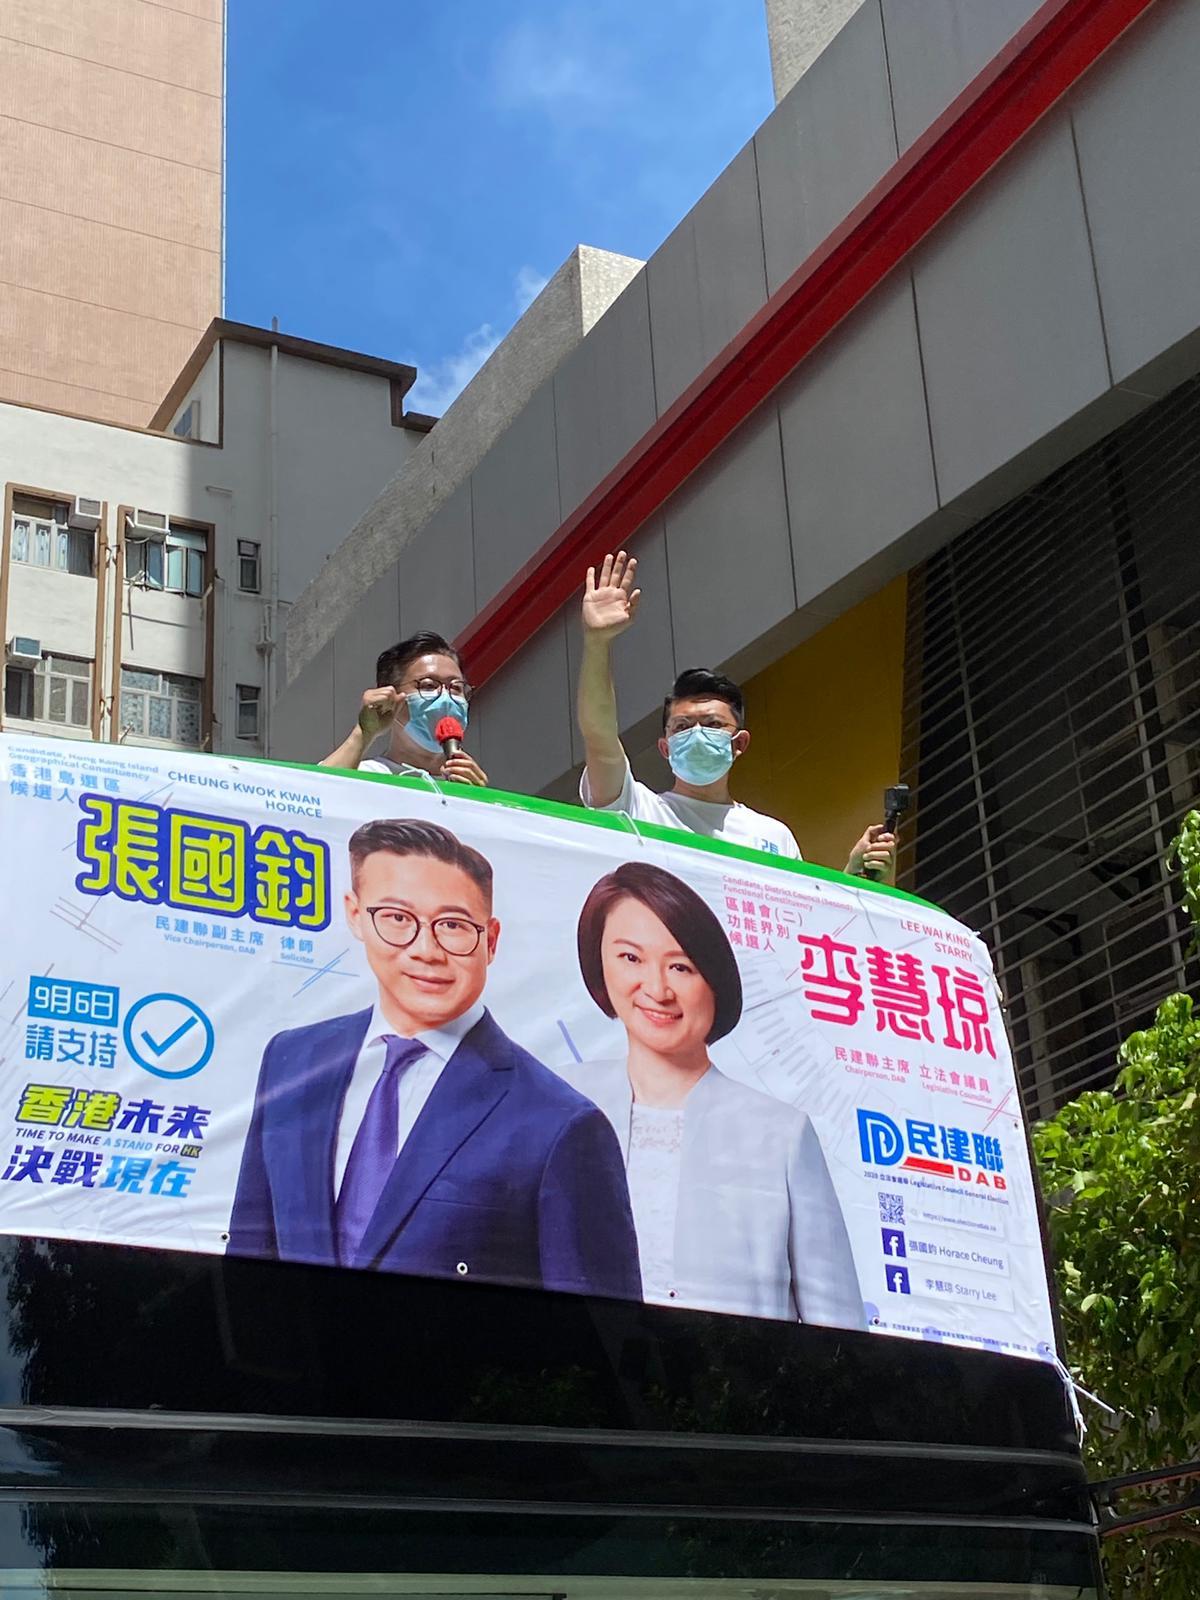 2020年7月18日公佈參選,舉行花車巡遊